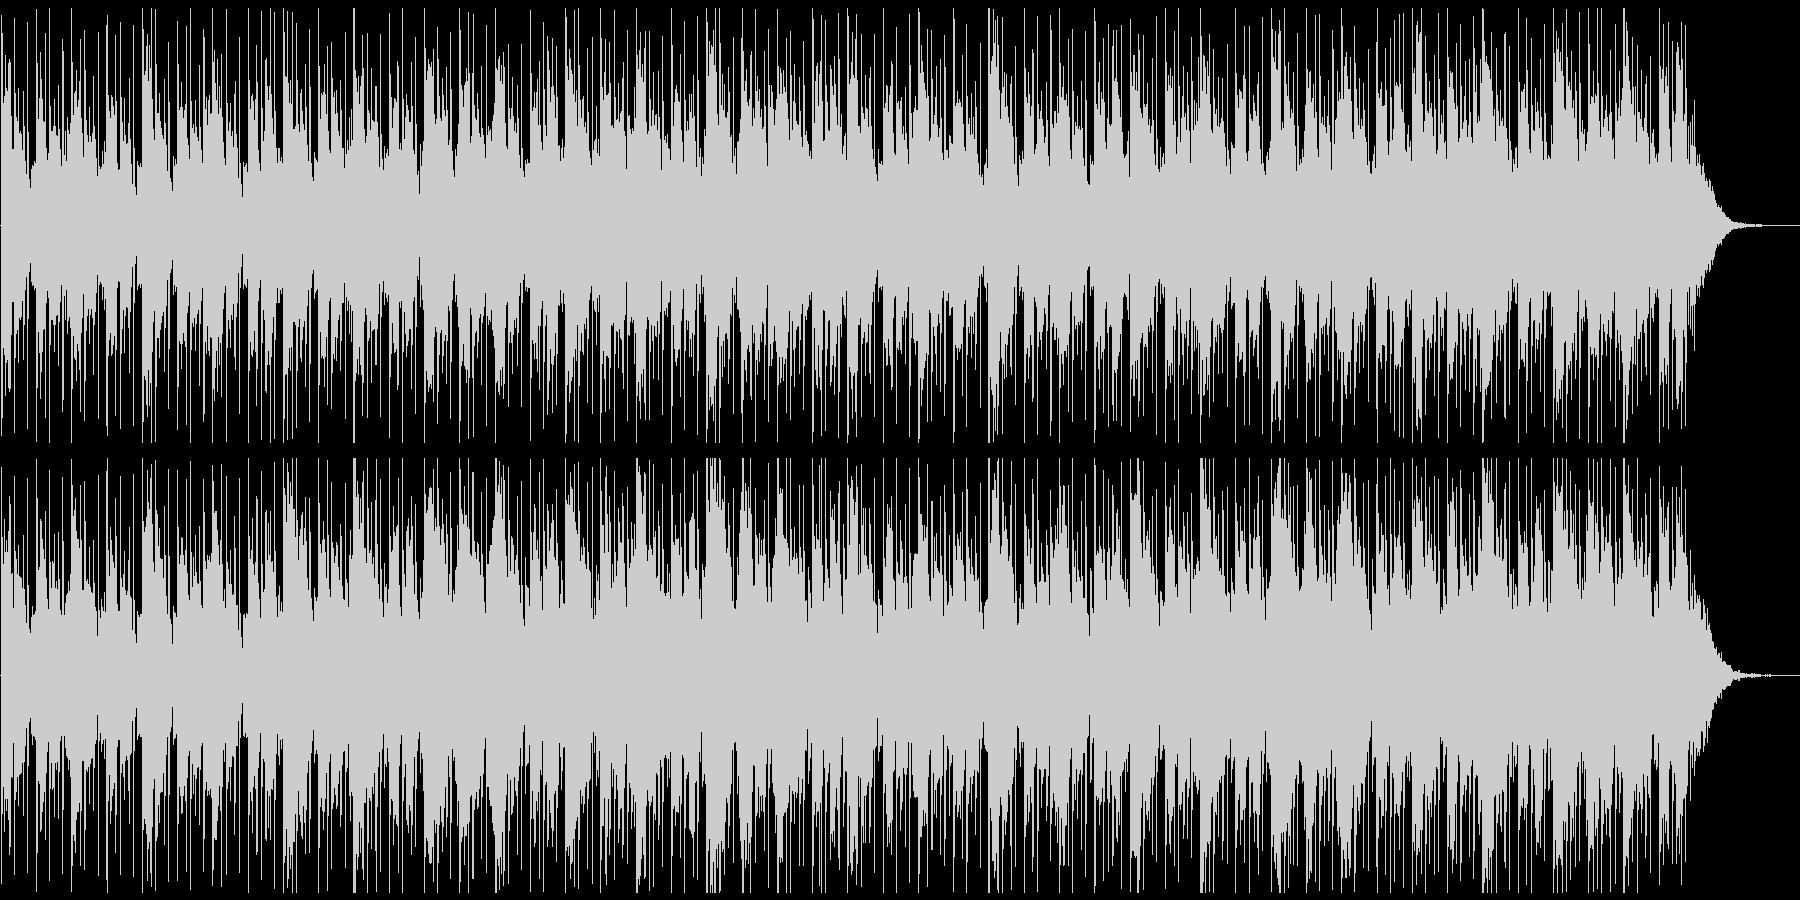 ニューエイジ系BGM(ブレイクなし)の未再生の波形